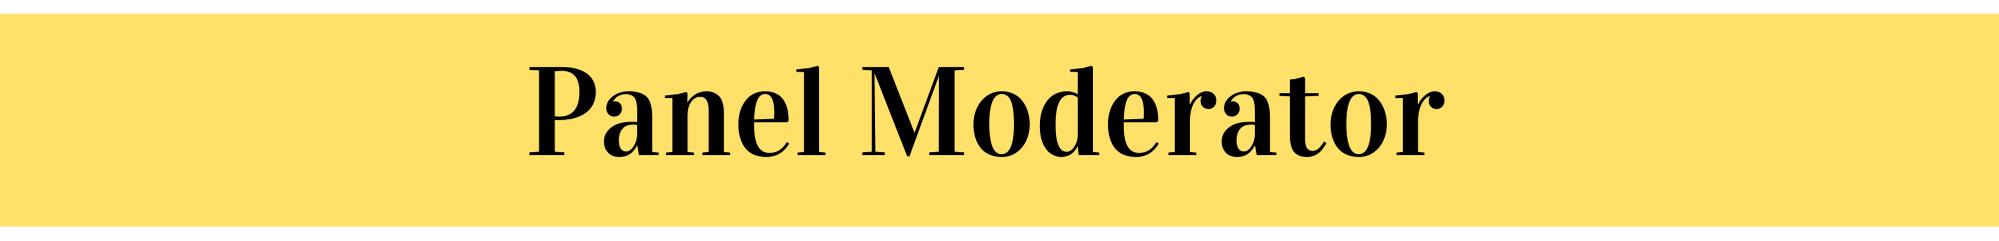 Panel-Moderatory-(1).png